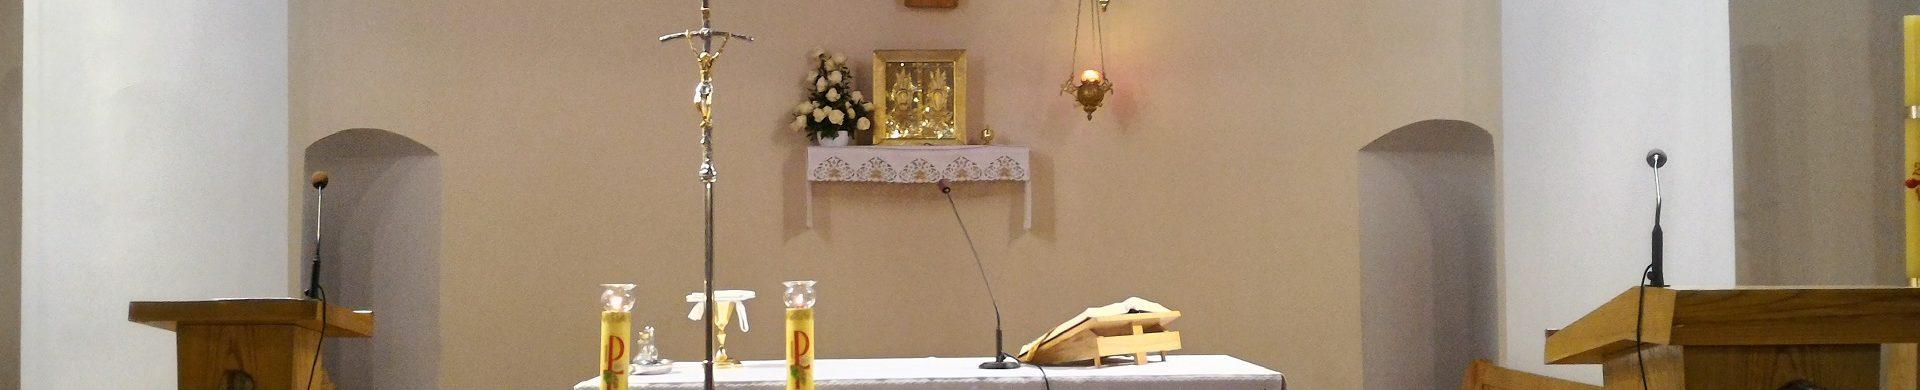 Parafia Najświętszego Zbawiciela wPleszewie